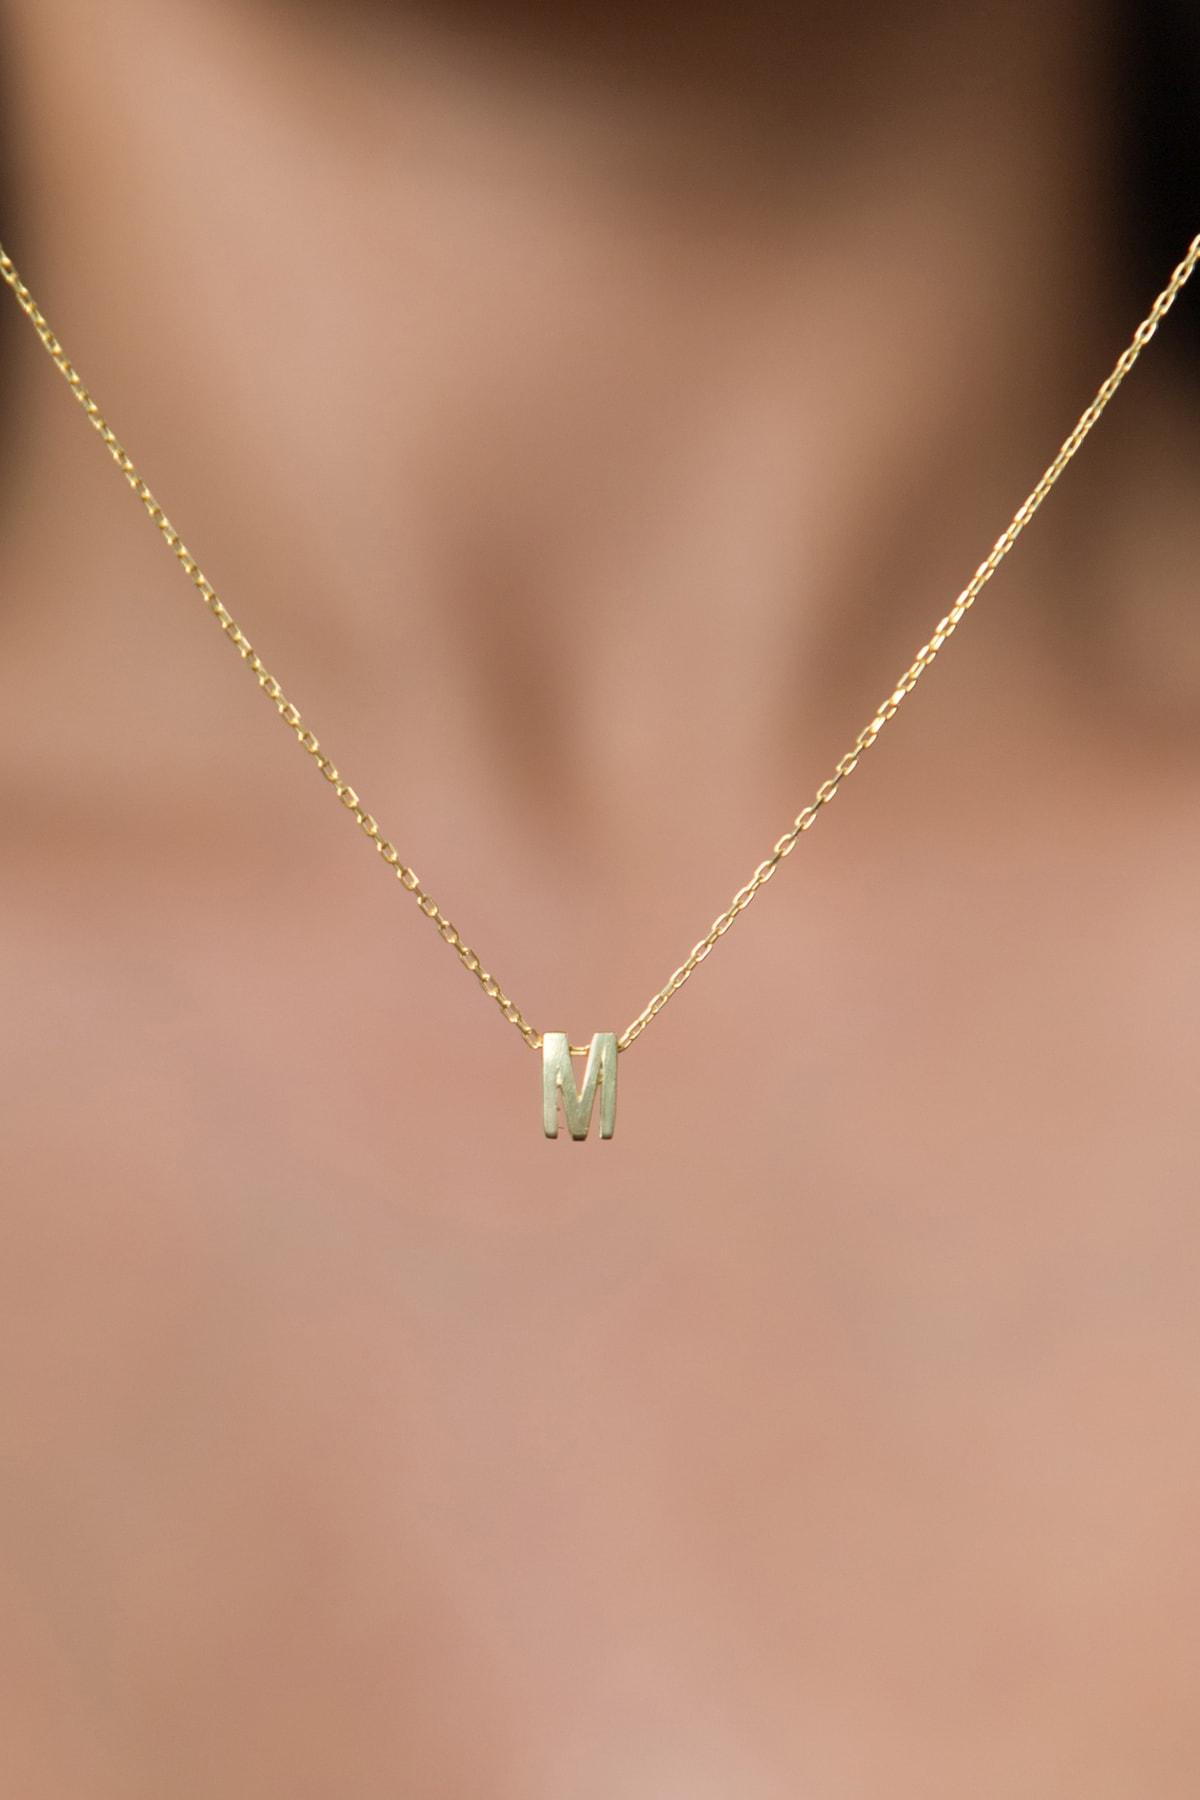 Elika Silver Kadın Üç Boyutlu M Harf Altın Kaplama 925 Ayar Gümüş Kolye 0